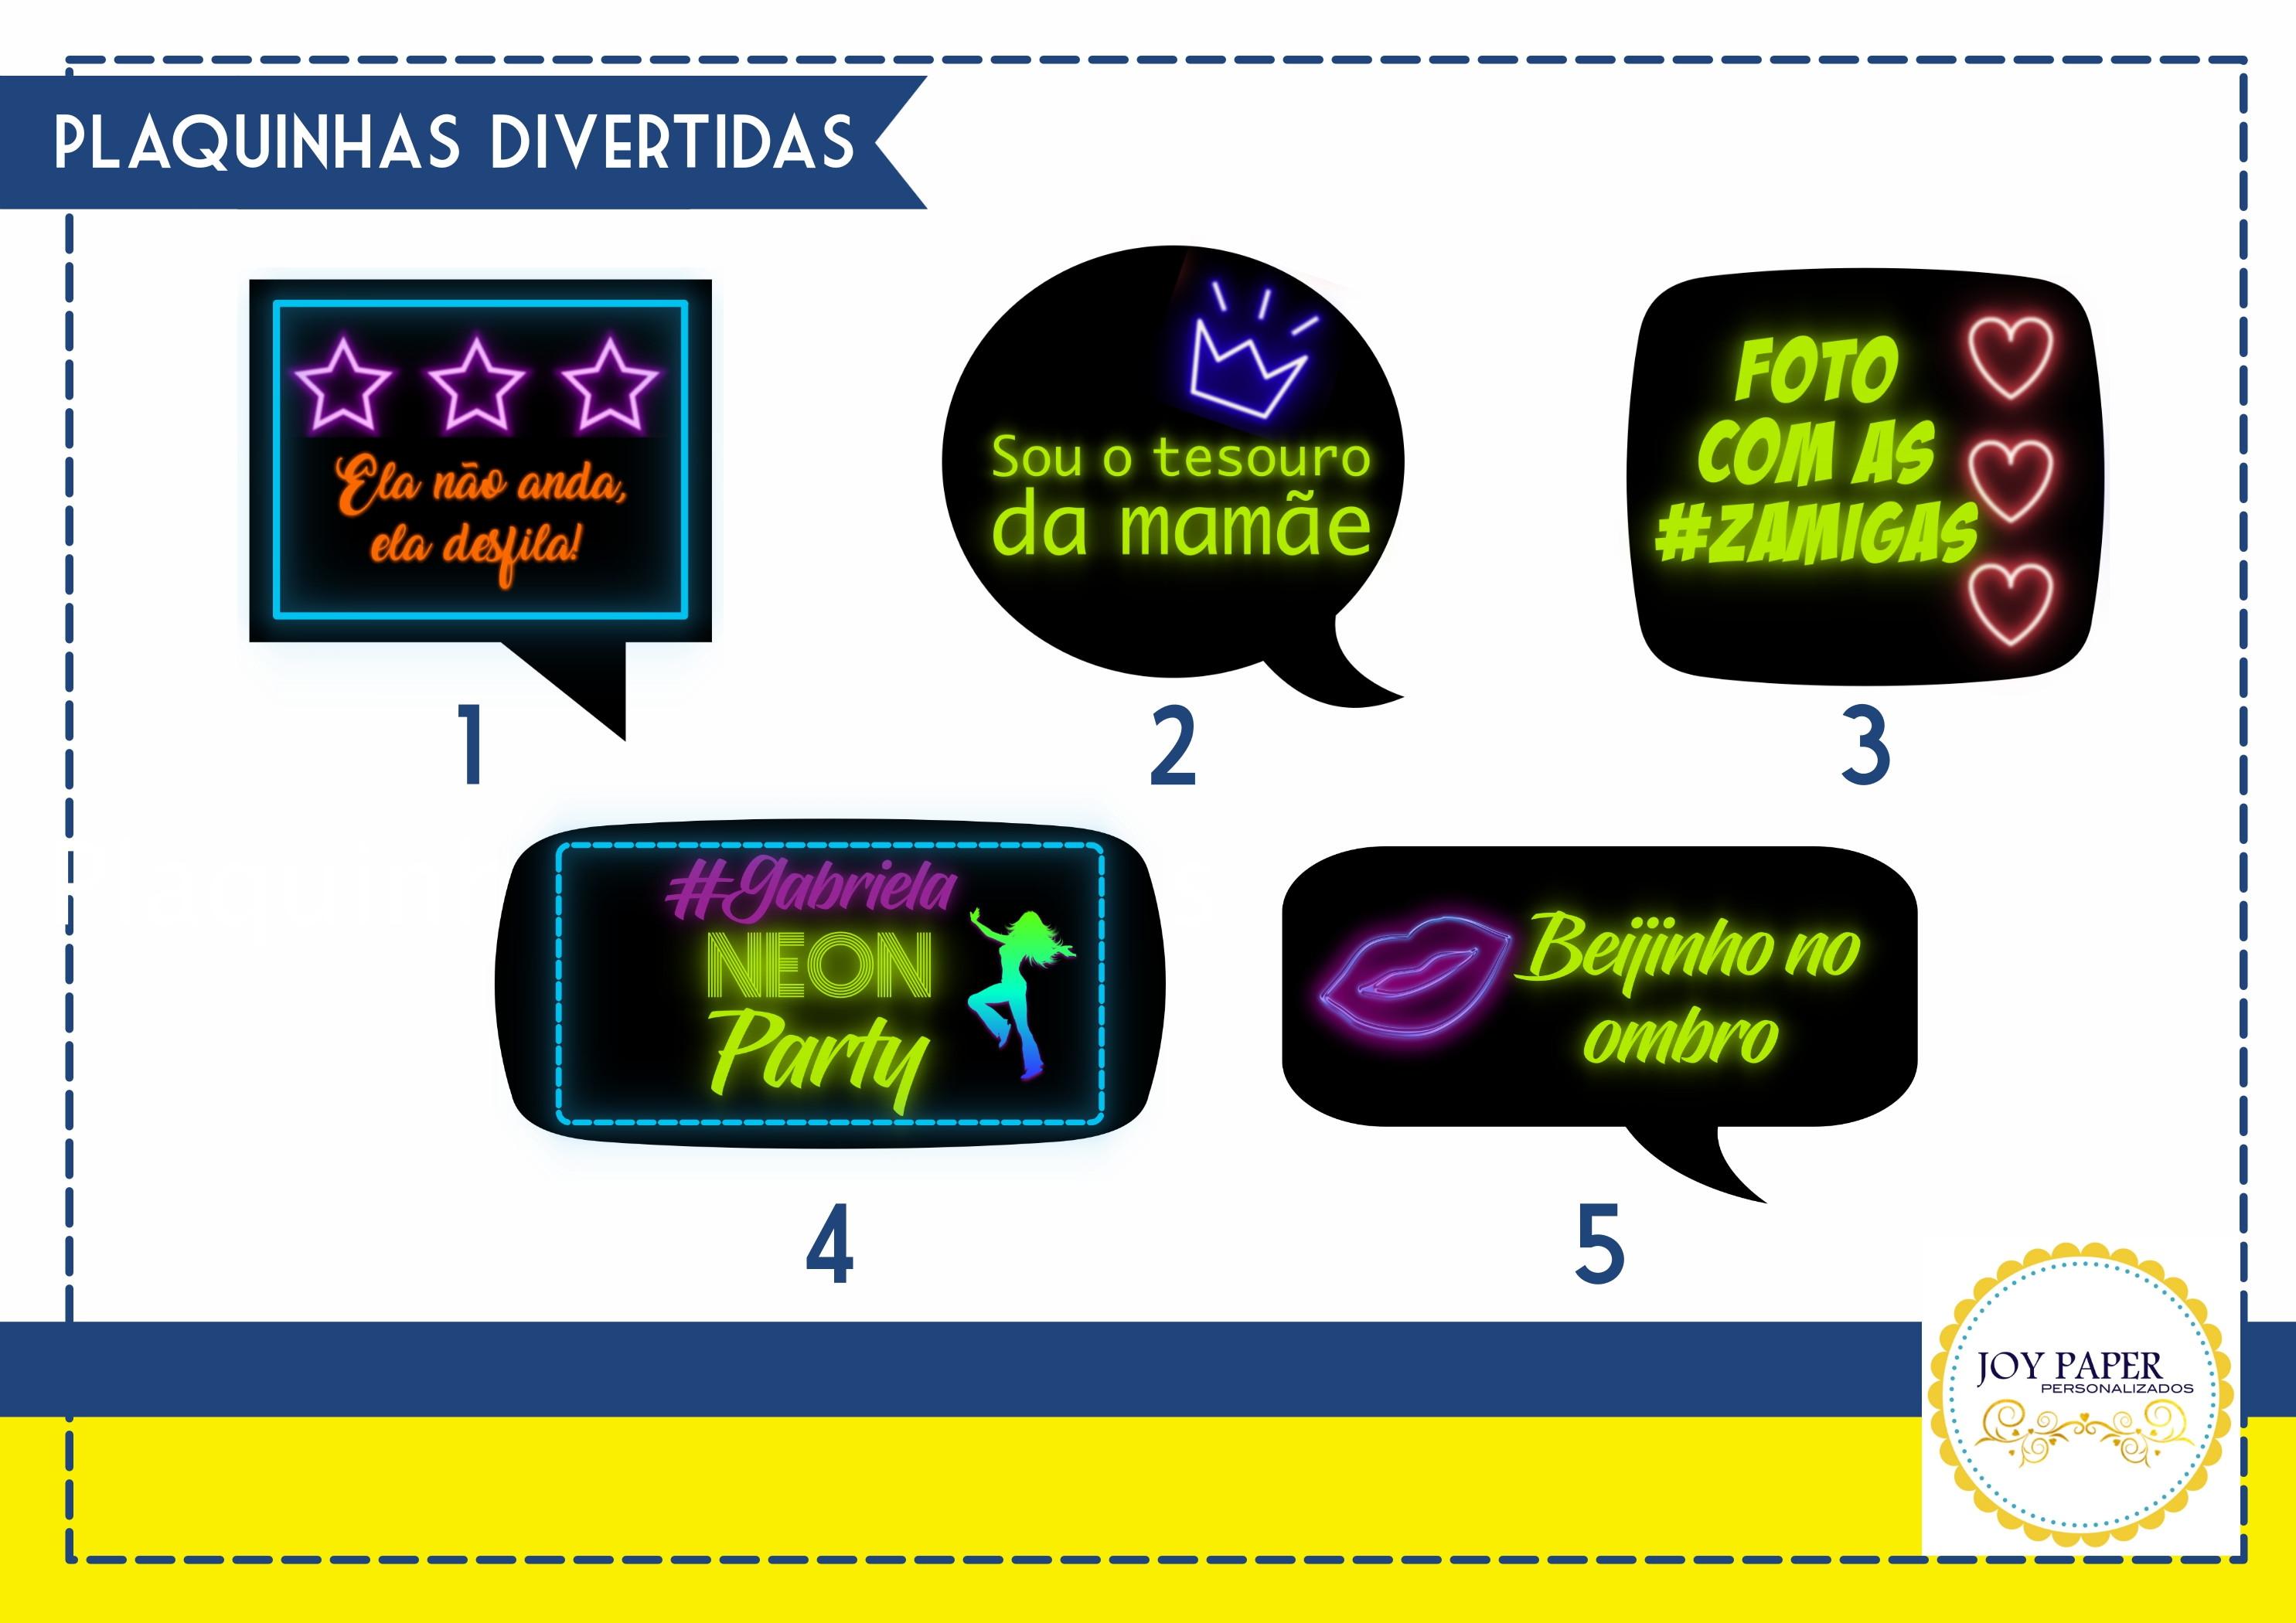 Plaquinhas Divertidas Festa Neon No Elo7 Joy Paper